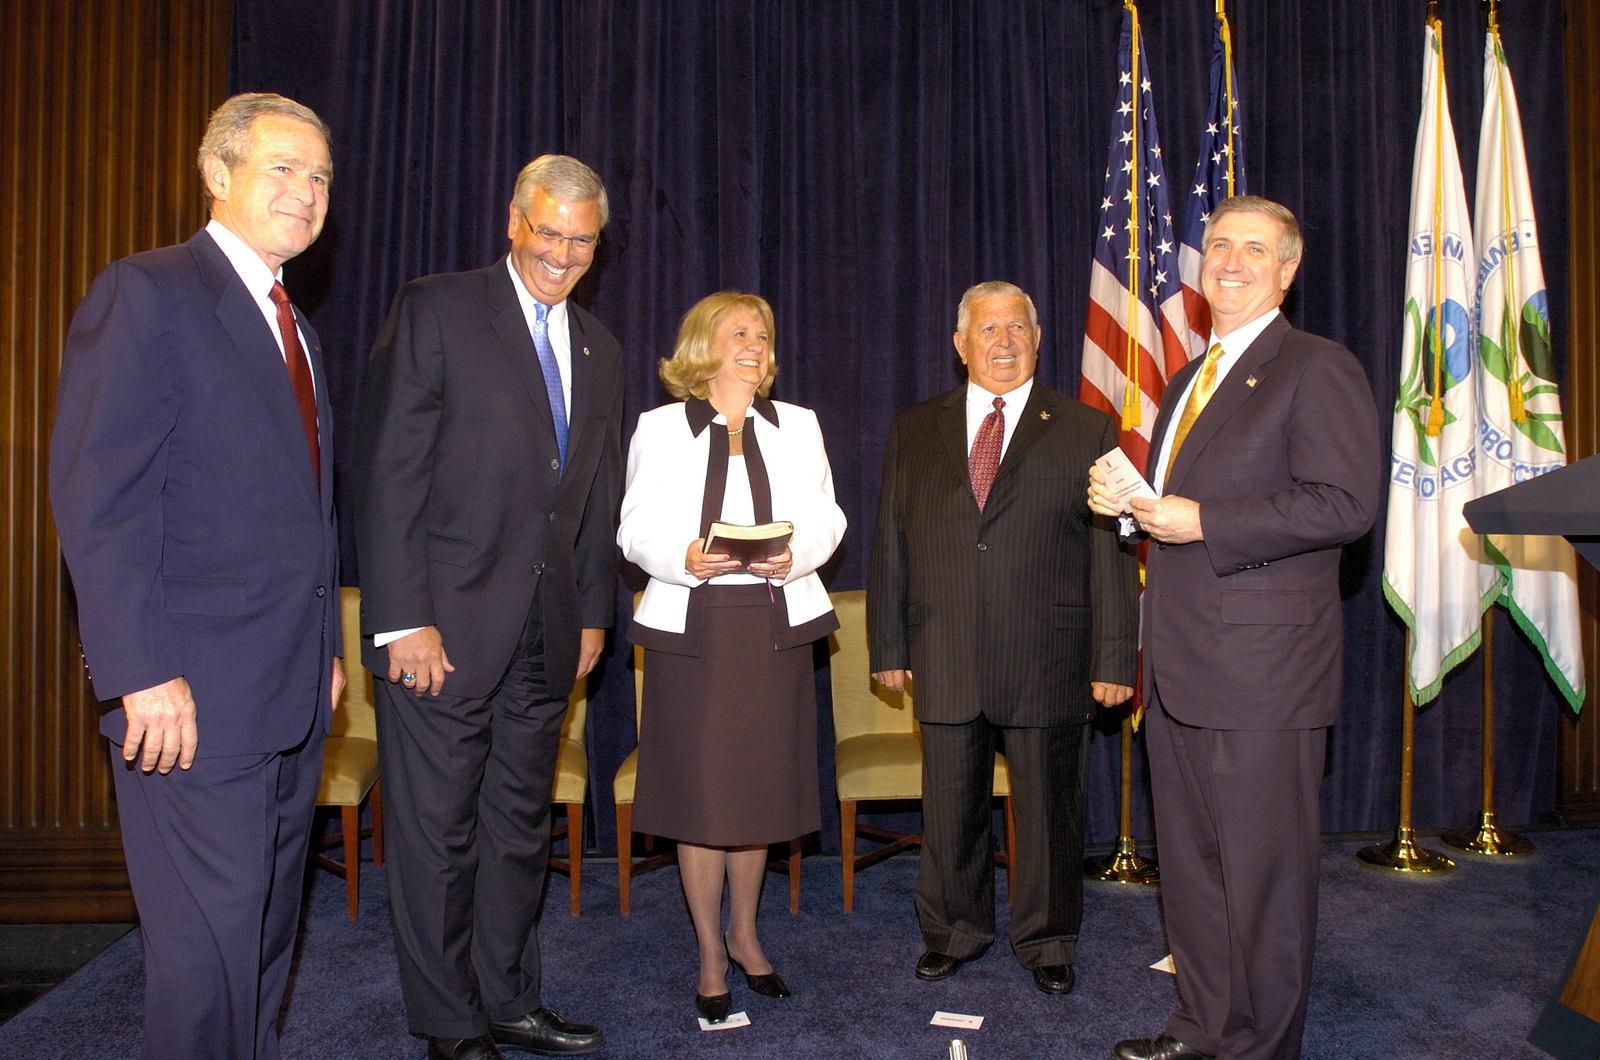 Office of the Administrator (Stephen L. Johnson) - Oath Ceremony, Stephen L. Johnson [412-APD-107-05-23-05_Oath_Ceremony_0054.jpg]